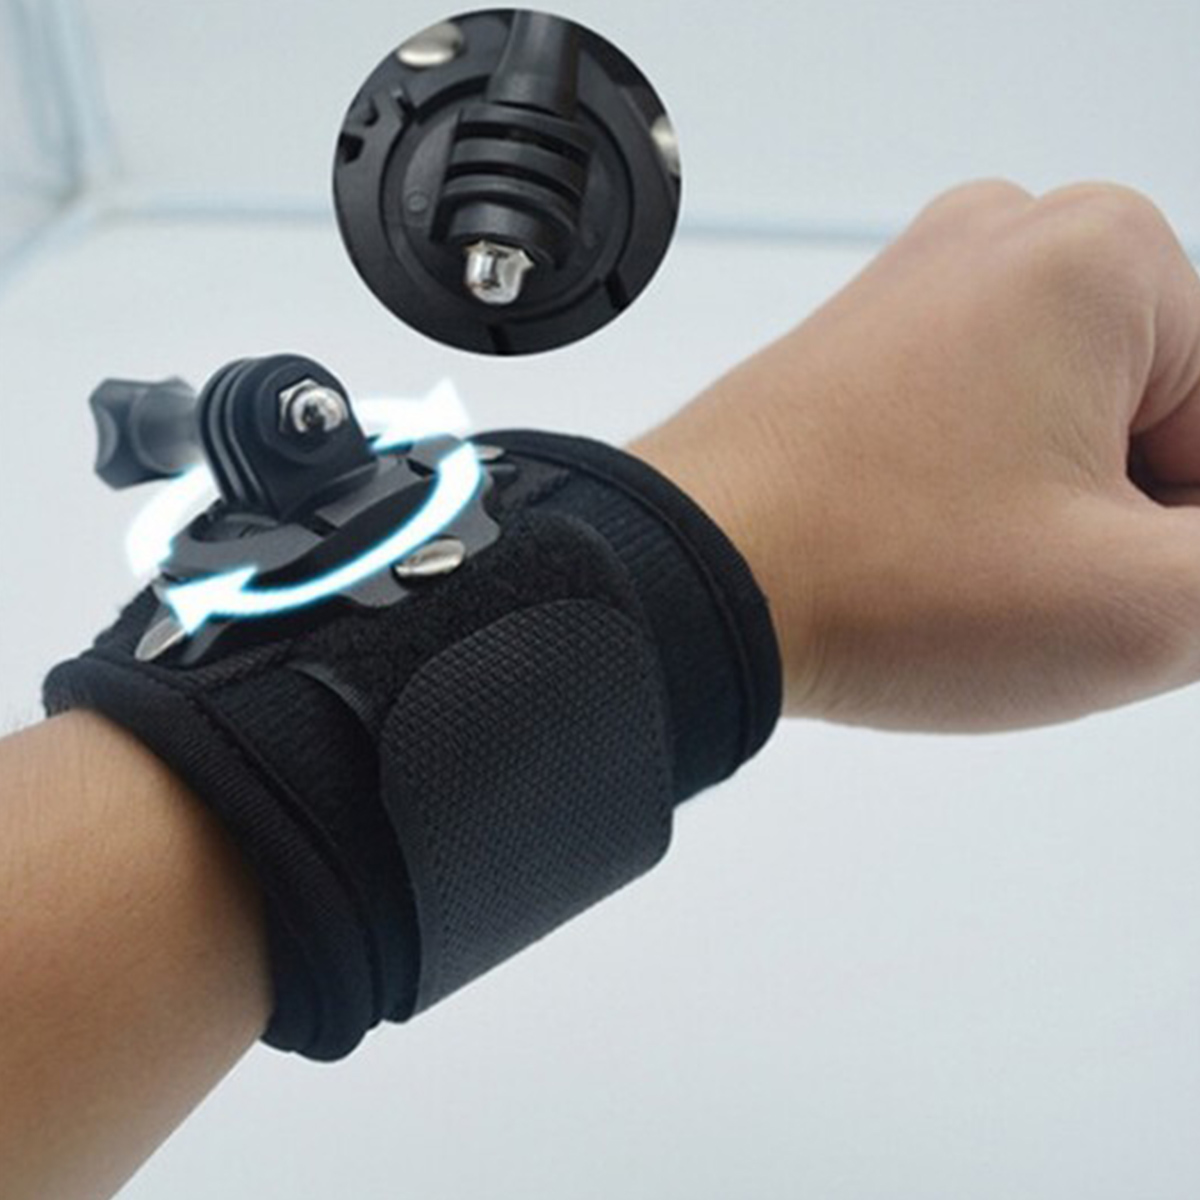 Регулируемый держатель, повязка на запястье, перчатка, 360 градусов, ручной ремень, Поворотный вращающийся штатив, крепление для GoPro Hero 4/3 + Go Pro...